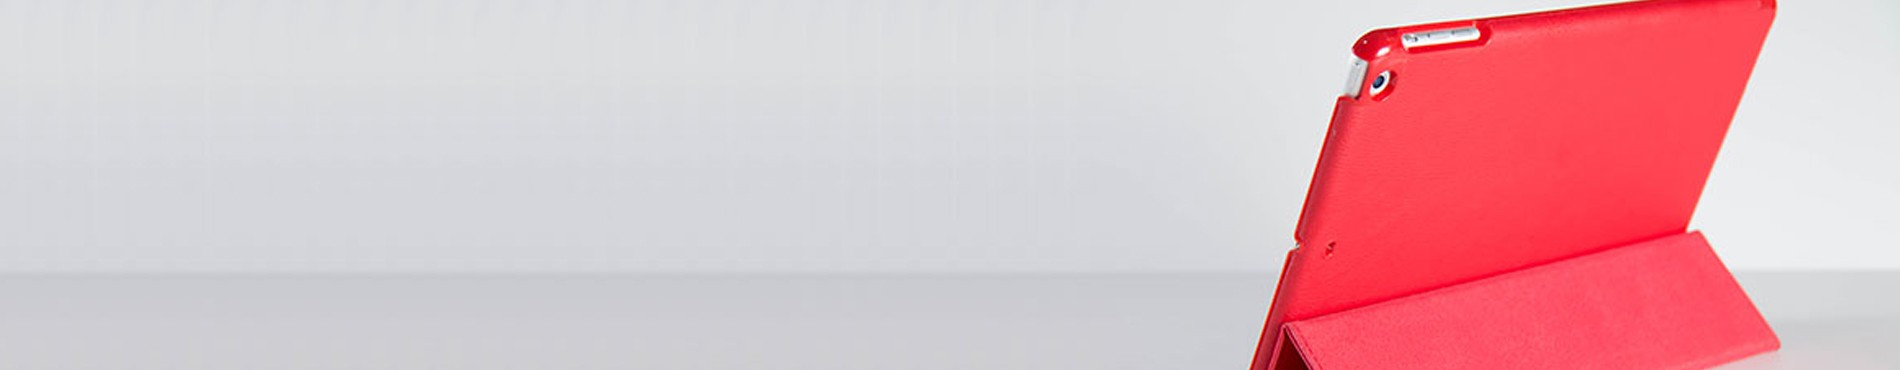 Coques & Etuis Publicitaires pour Téléphones & Tablettes